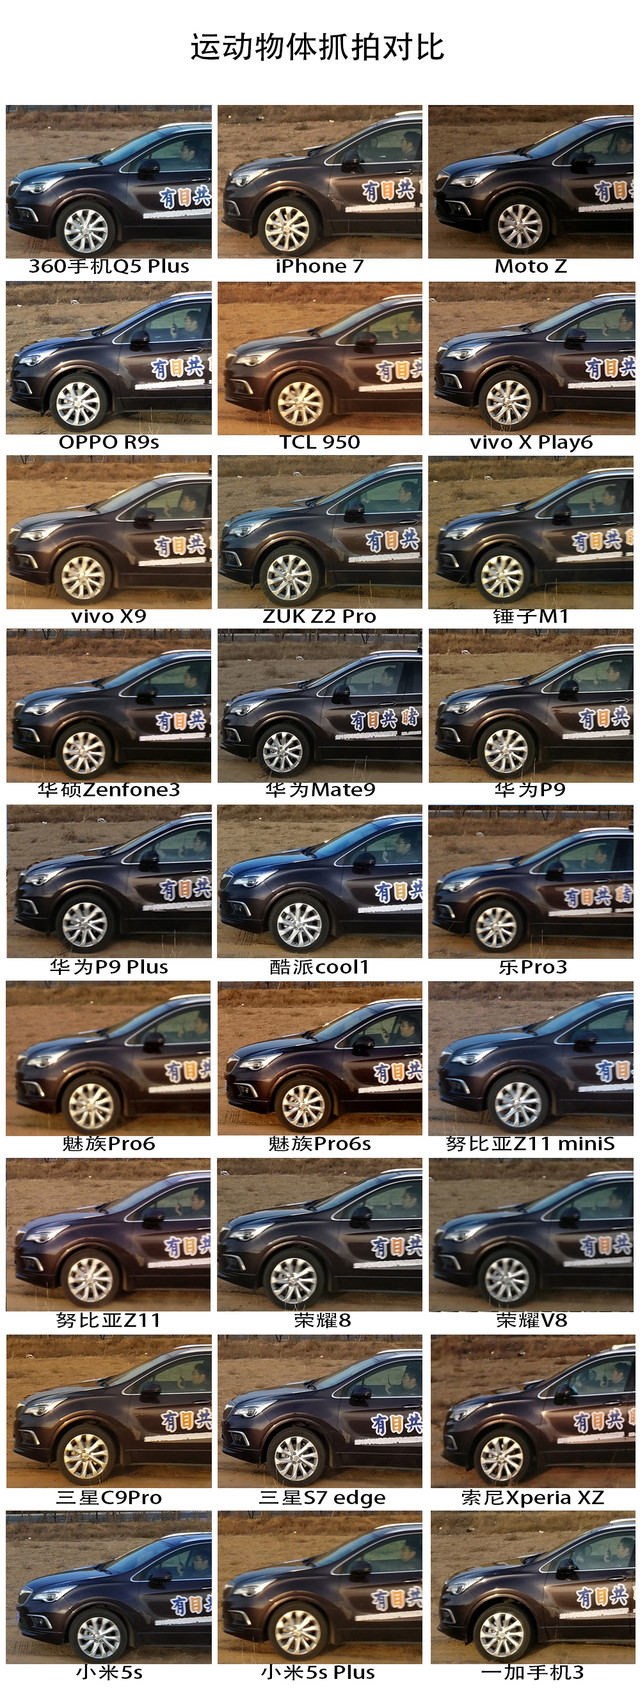 30款手机横评汽车篇(待审核)